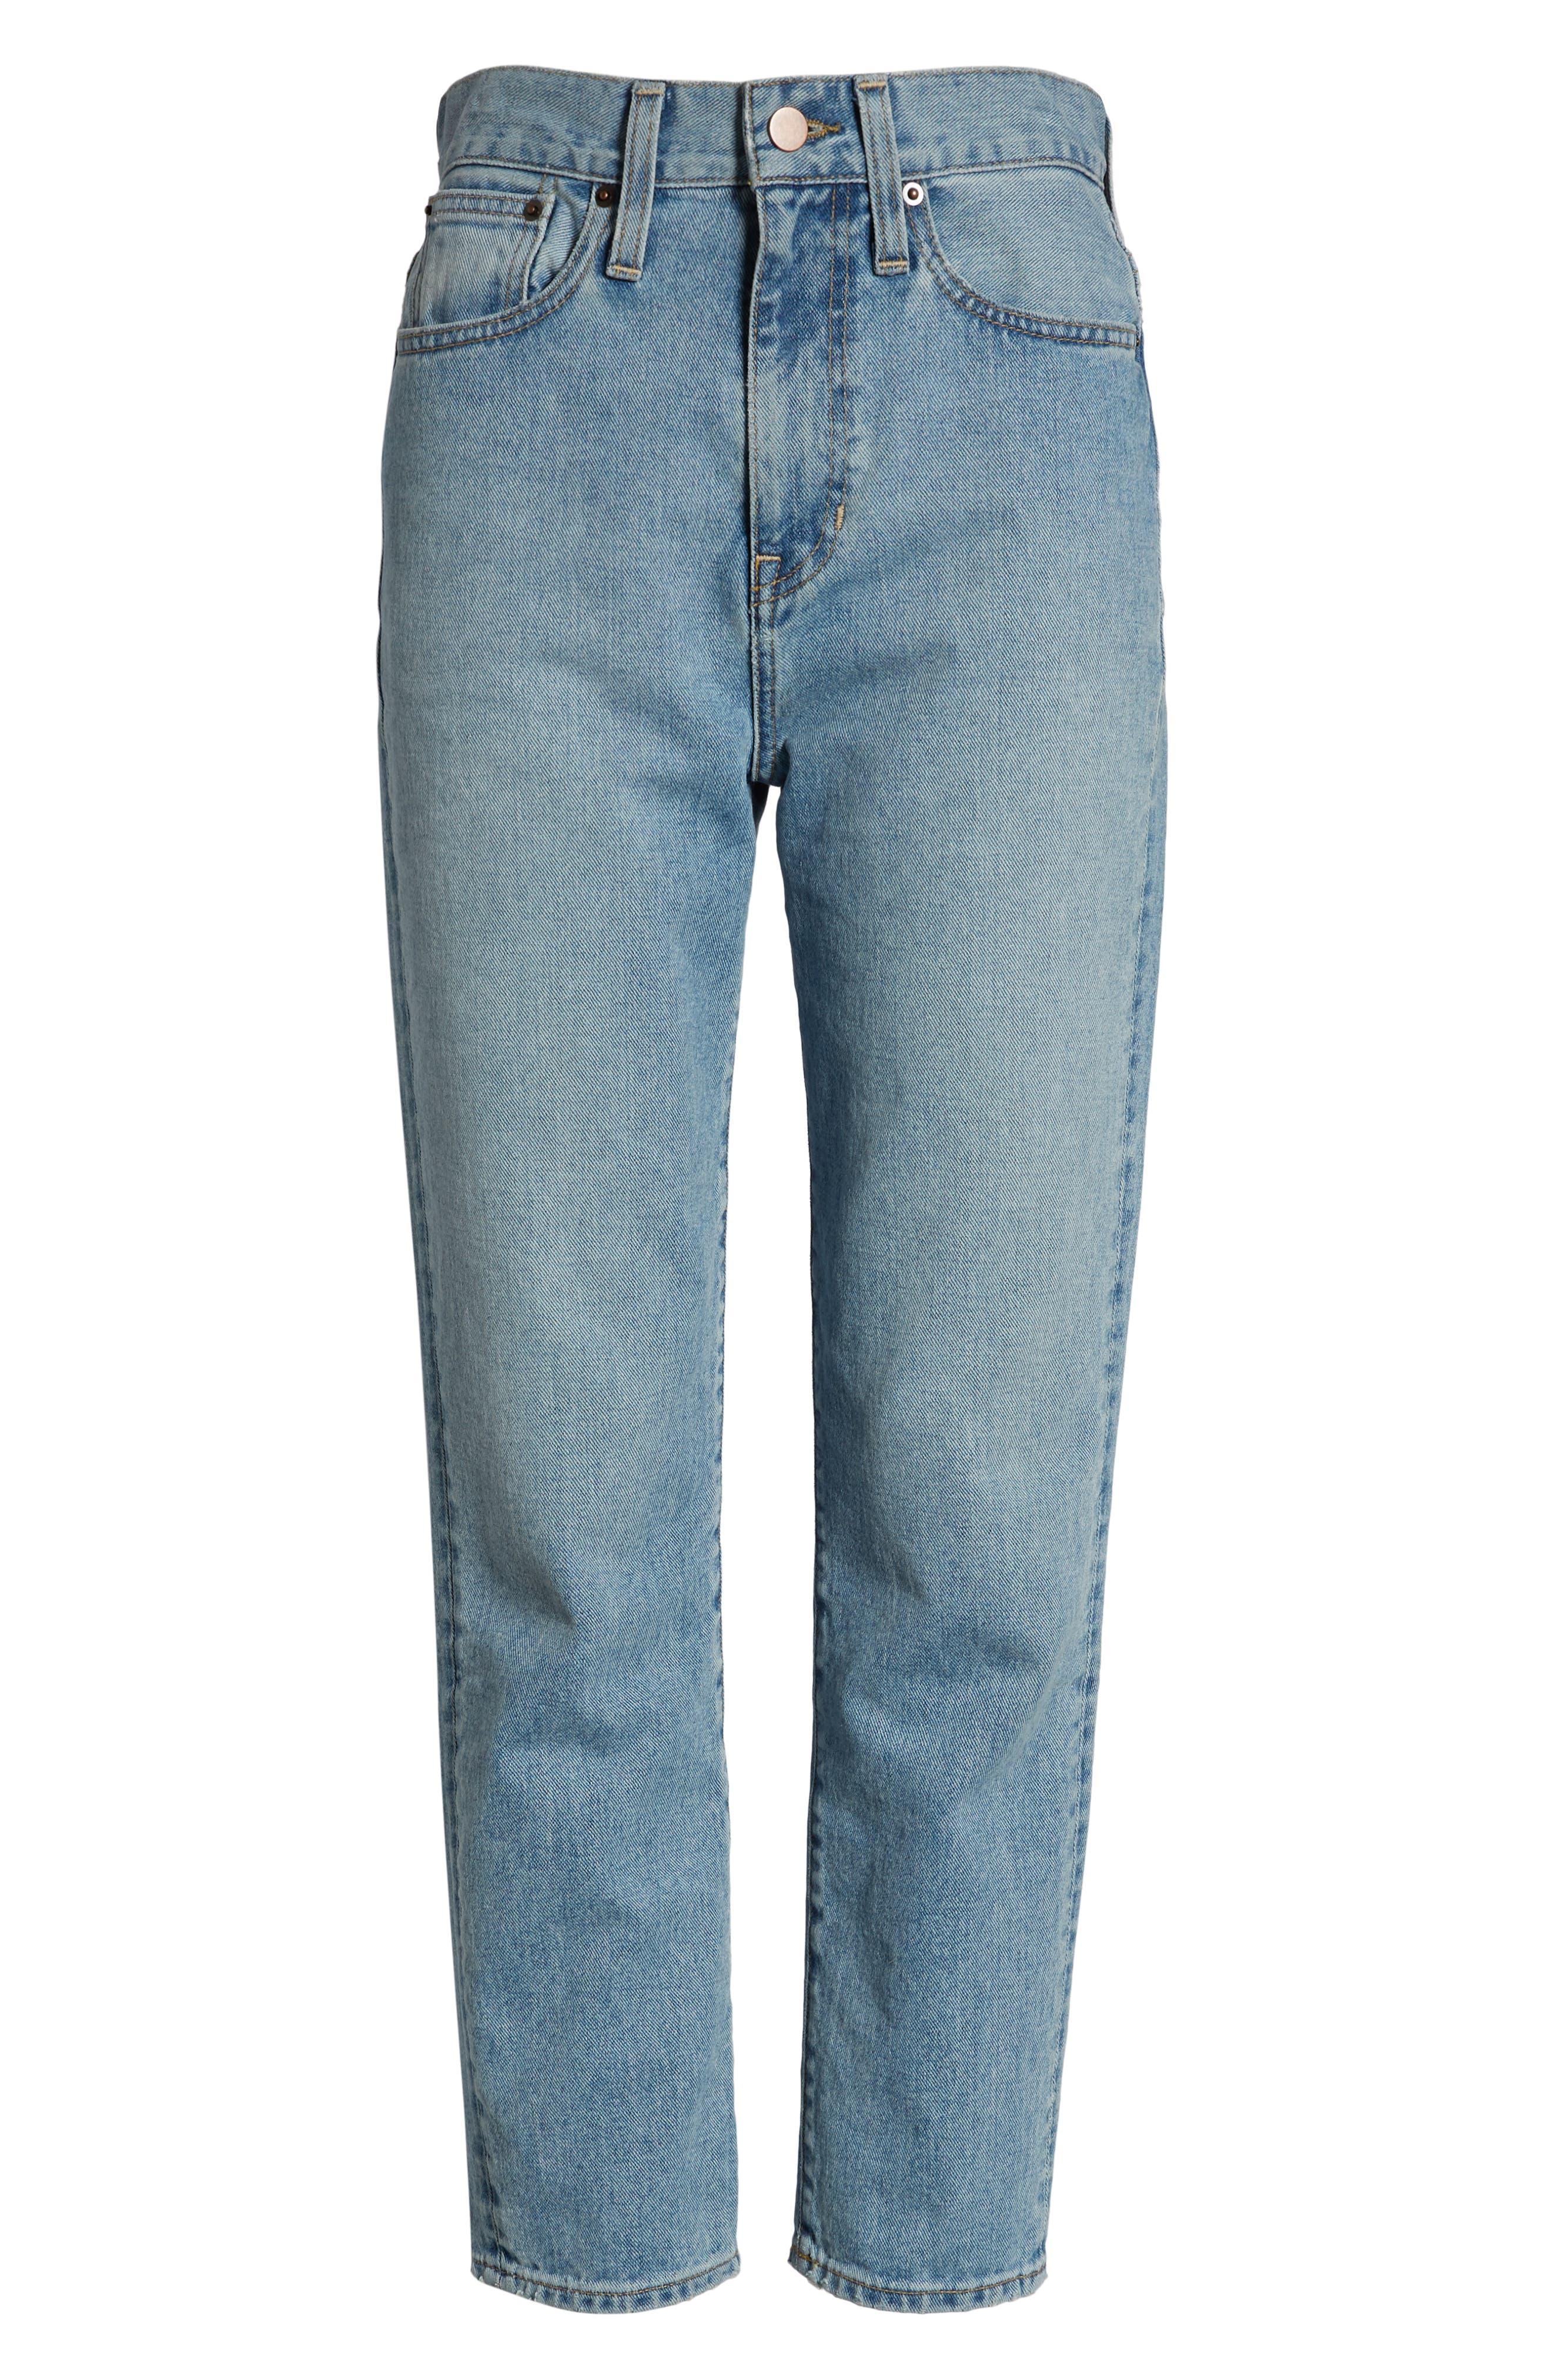 Ankle Cigarette Jeans,                             Alternate thumbnail 8, color,                             400